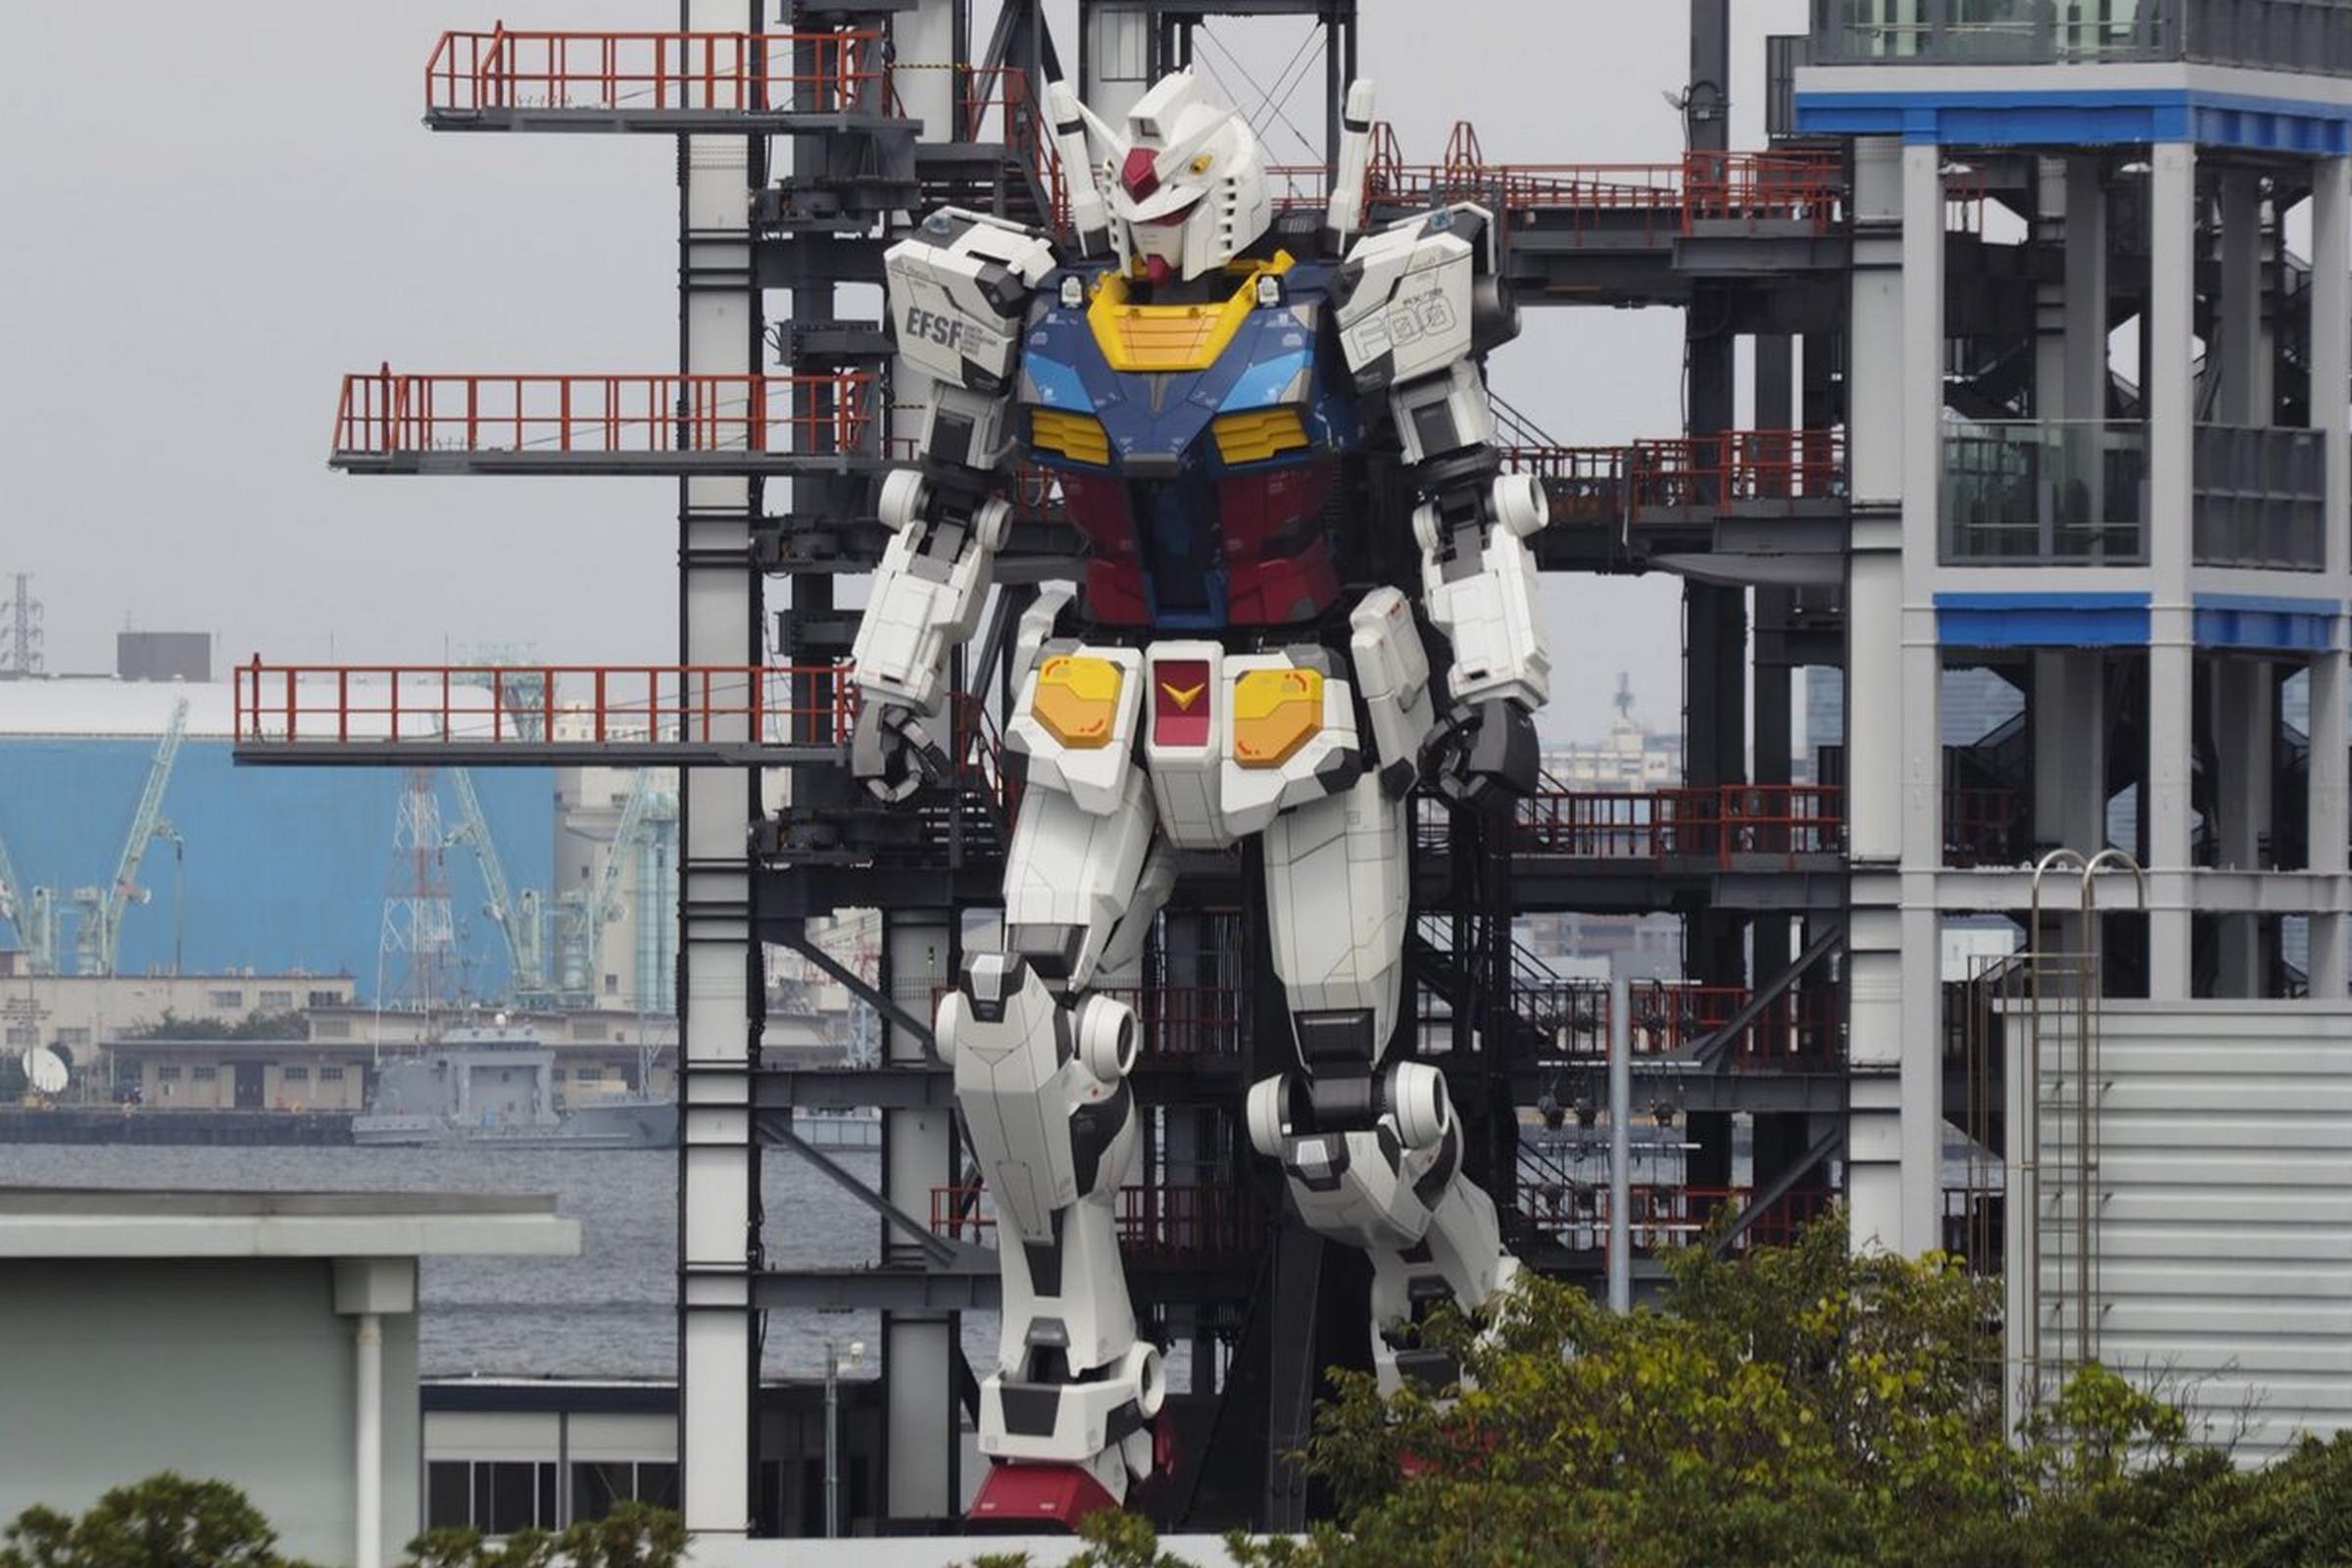 Te impactará el robot gigante de Japón que mide 18 metros y sabe caminar